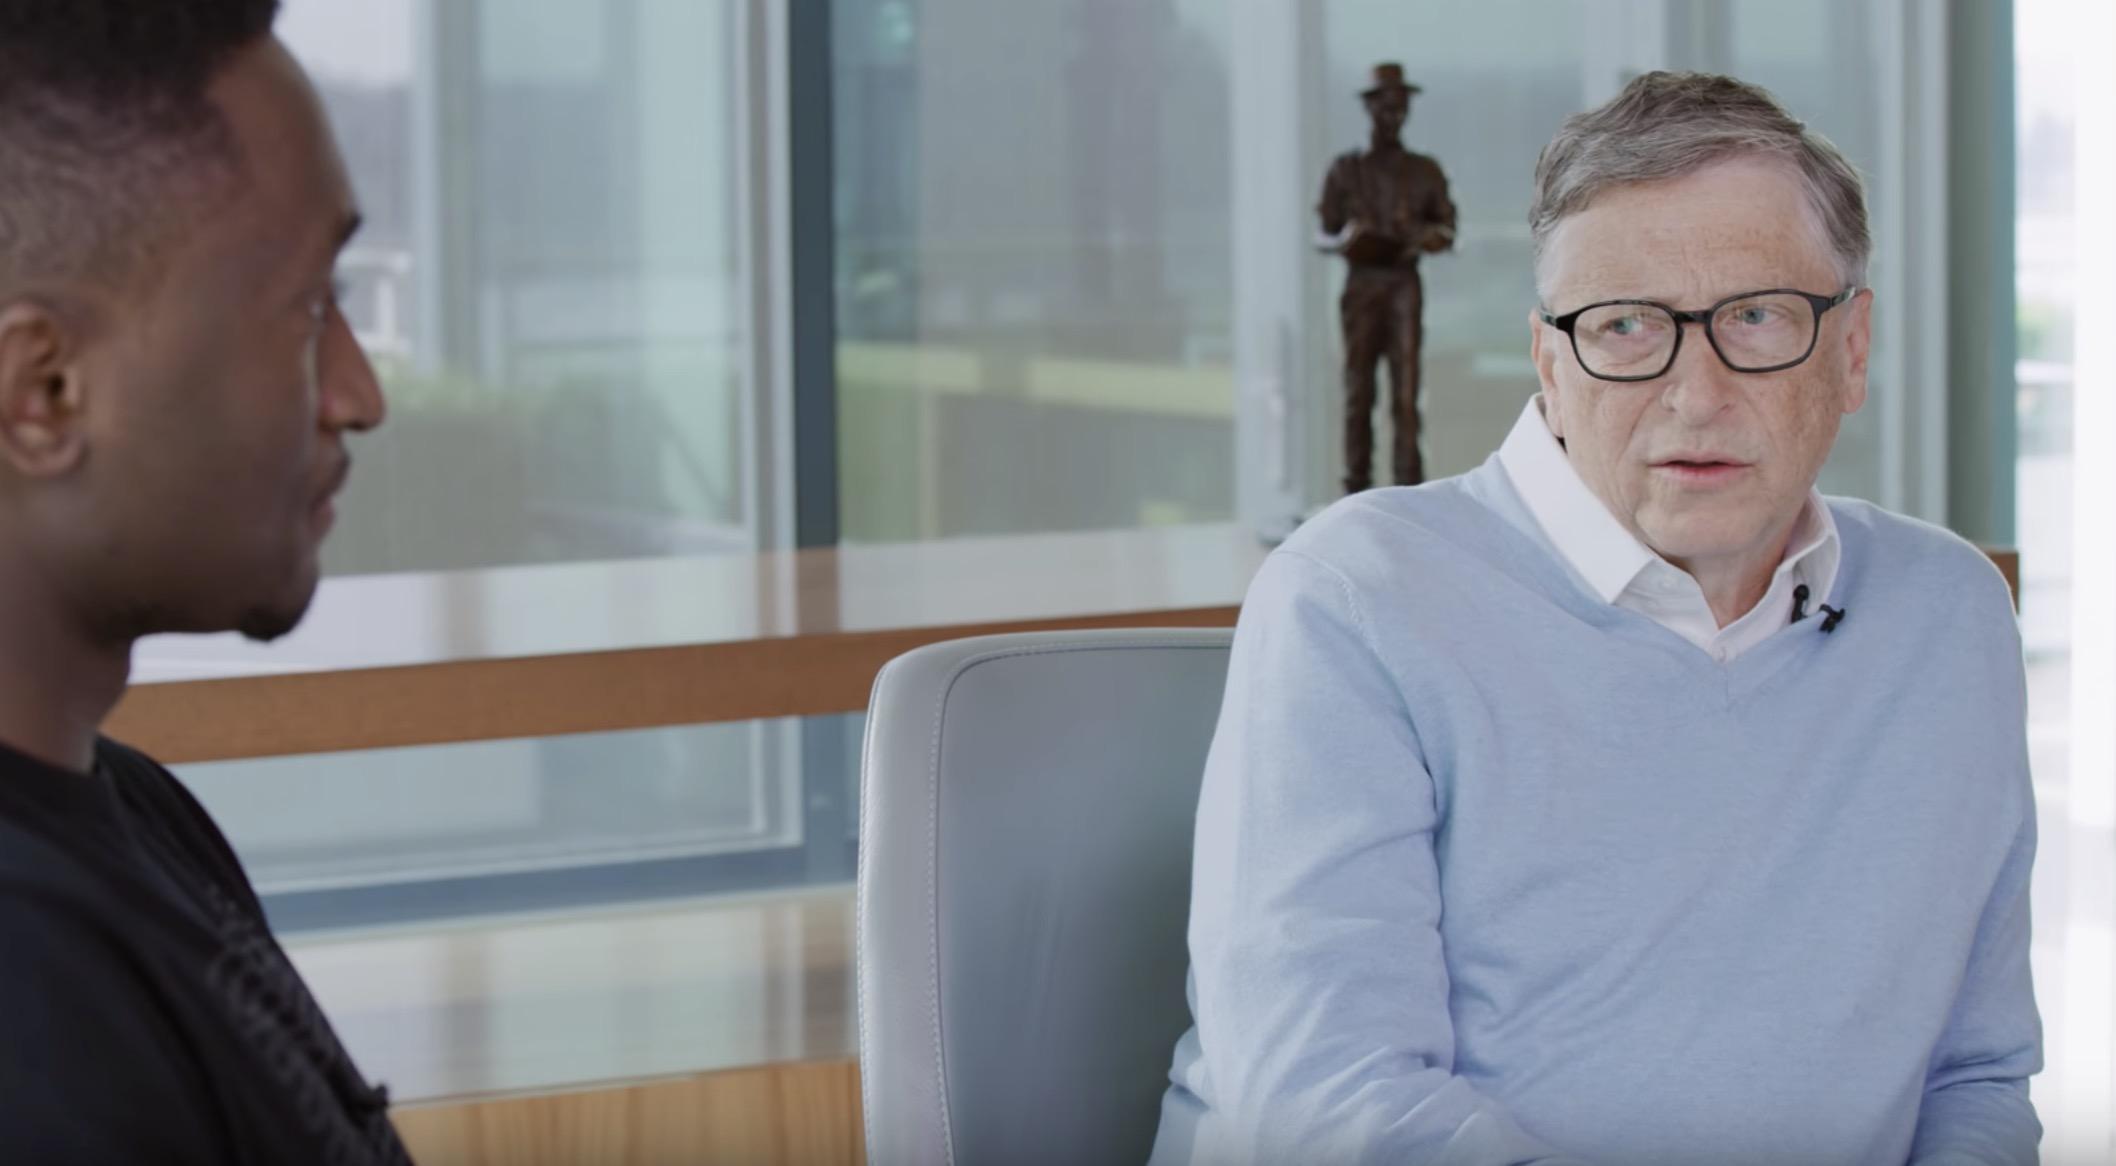 比尔·盖茨评电动汽车:不是真正的零排放!-唯轮网